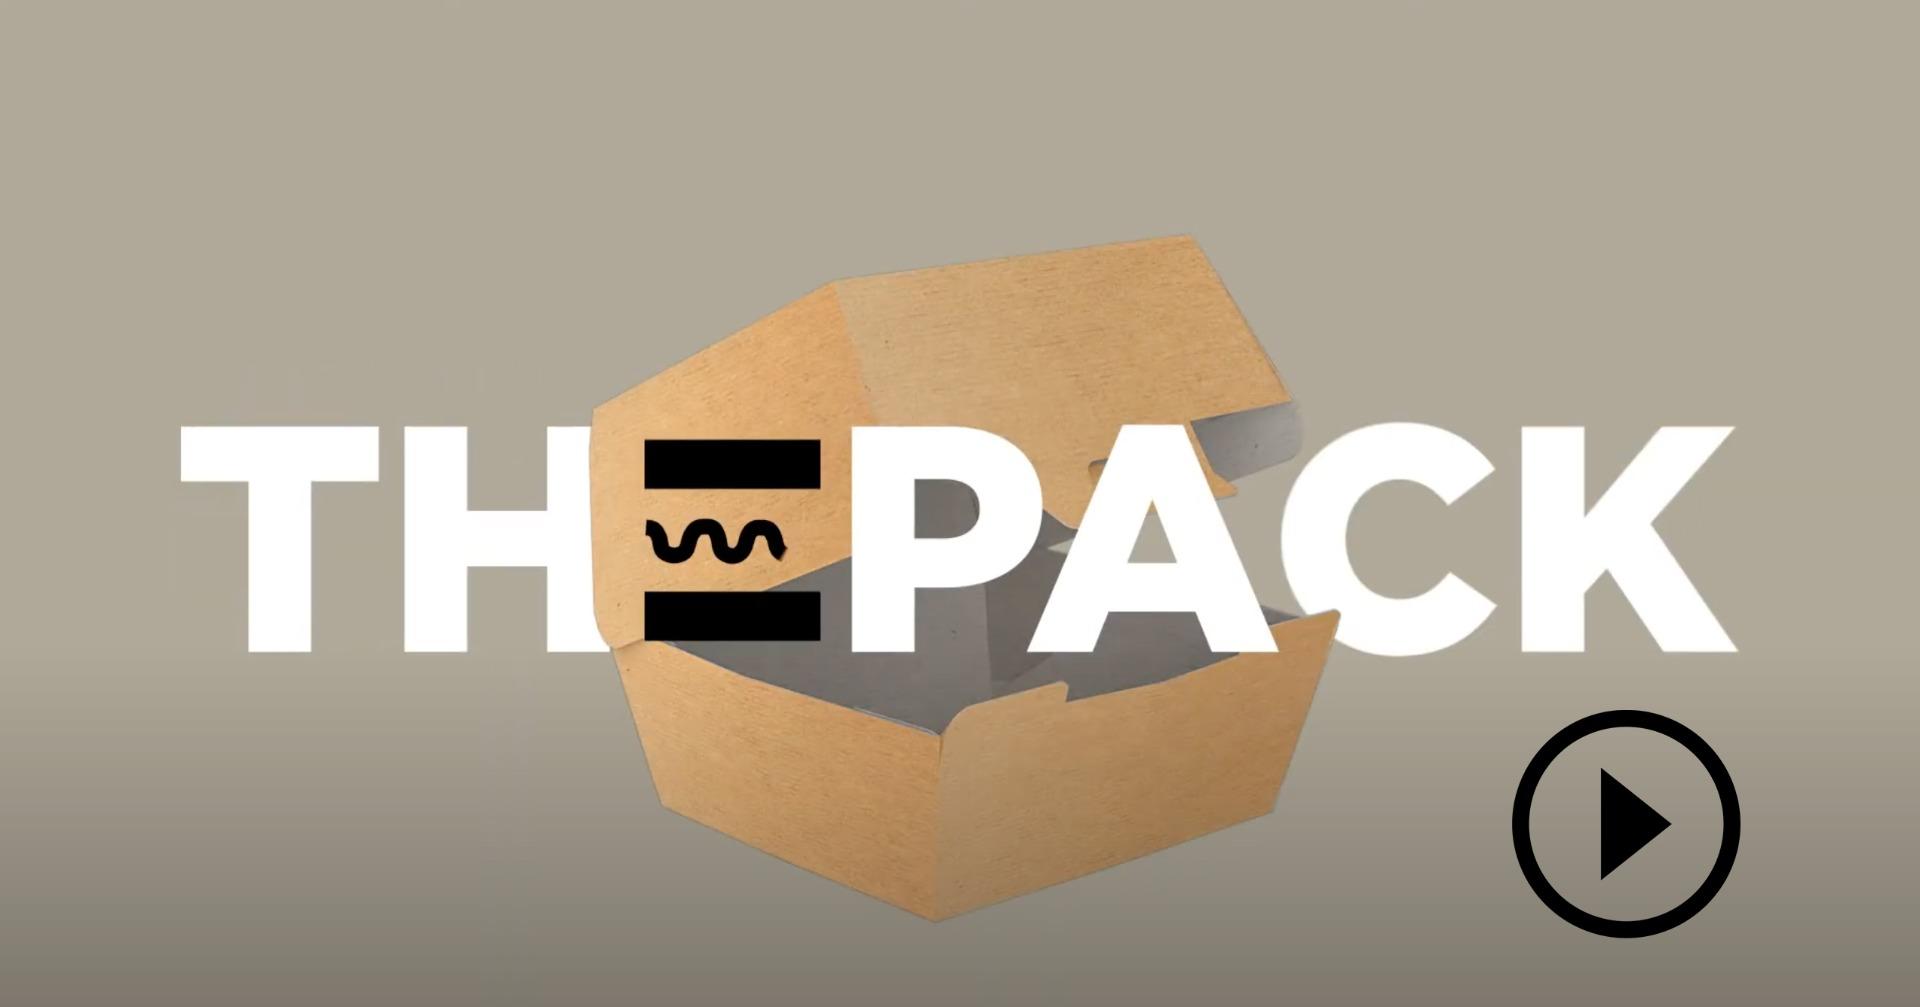 THEPACK